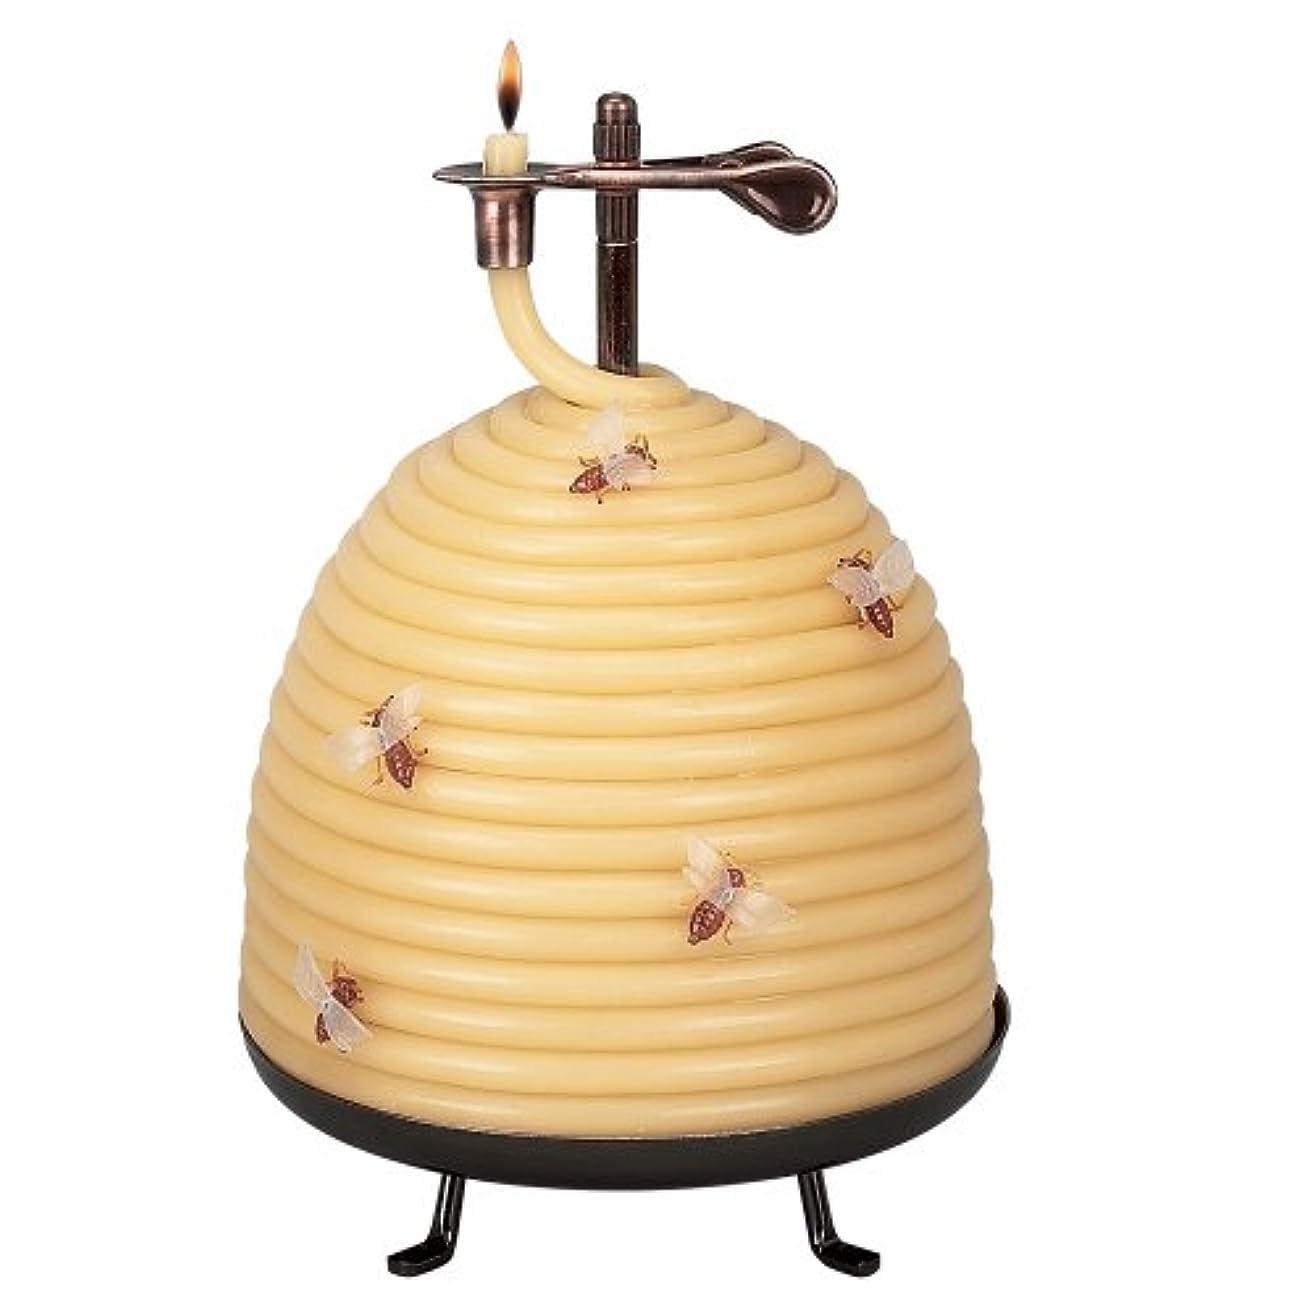 伴うログ想像力豊かなCandle By The Hour 20642B 120 Hour Beehive Coil Candle